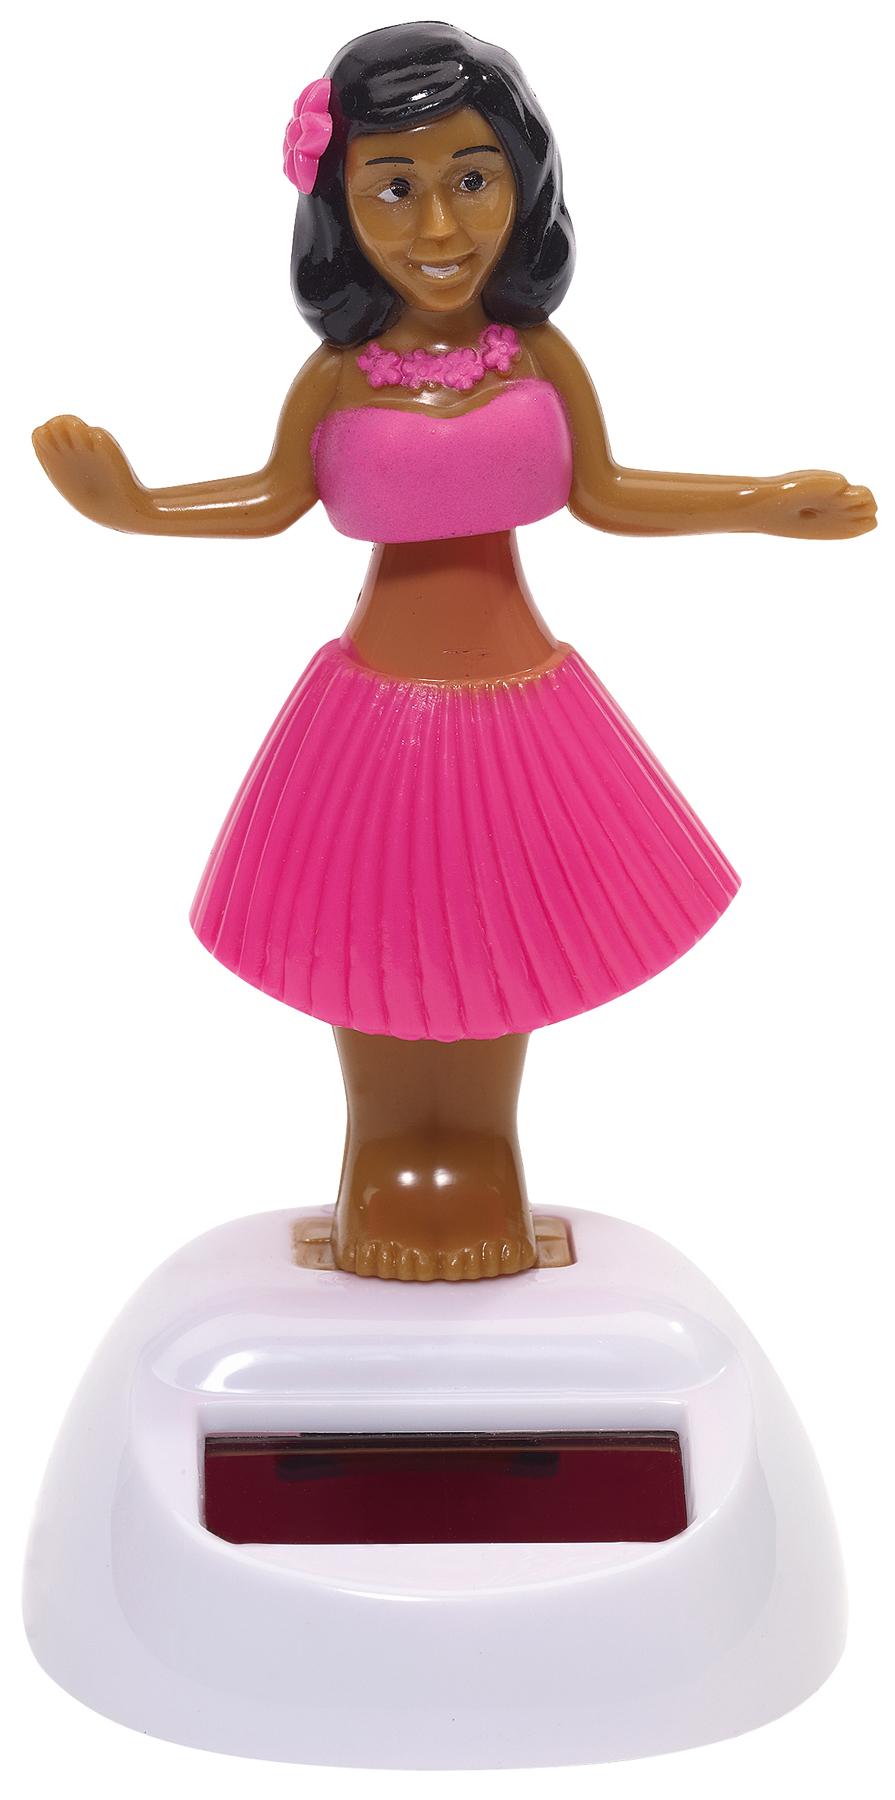 Figurka solarna HALUNA, różowy